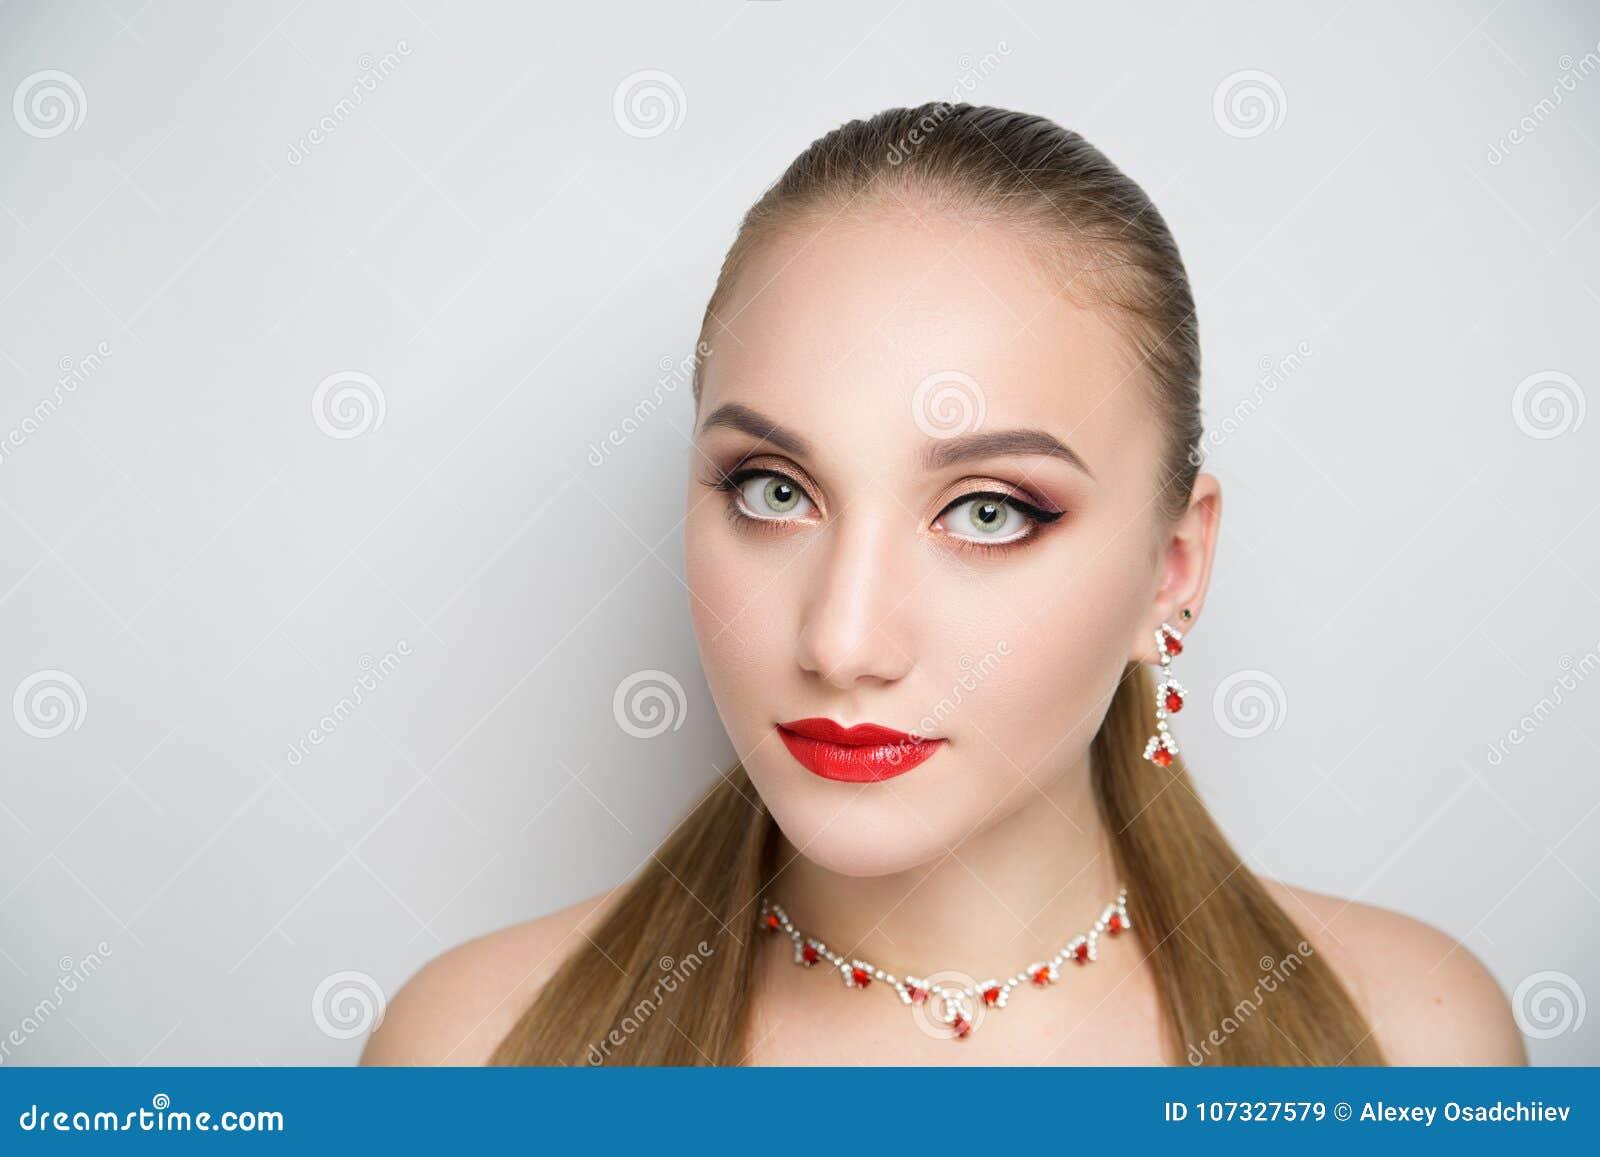 51a245fb6d3 Κορίτσι με το κόκκινο κραγιόν και το ασημένιο κόσμημα Στοκ Εικόνα ...